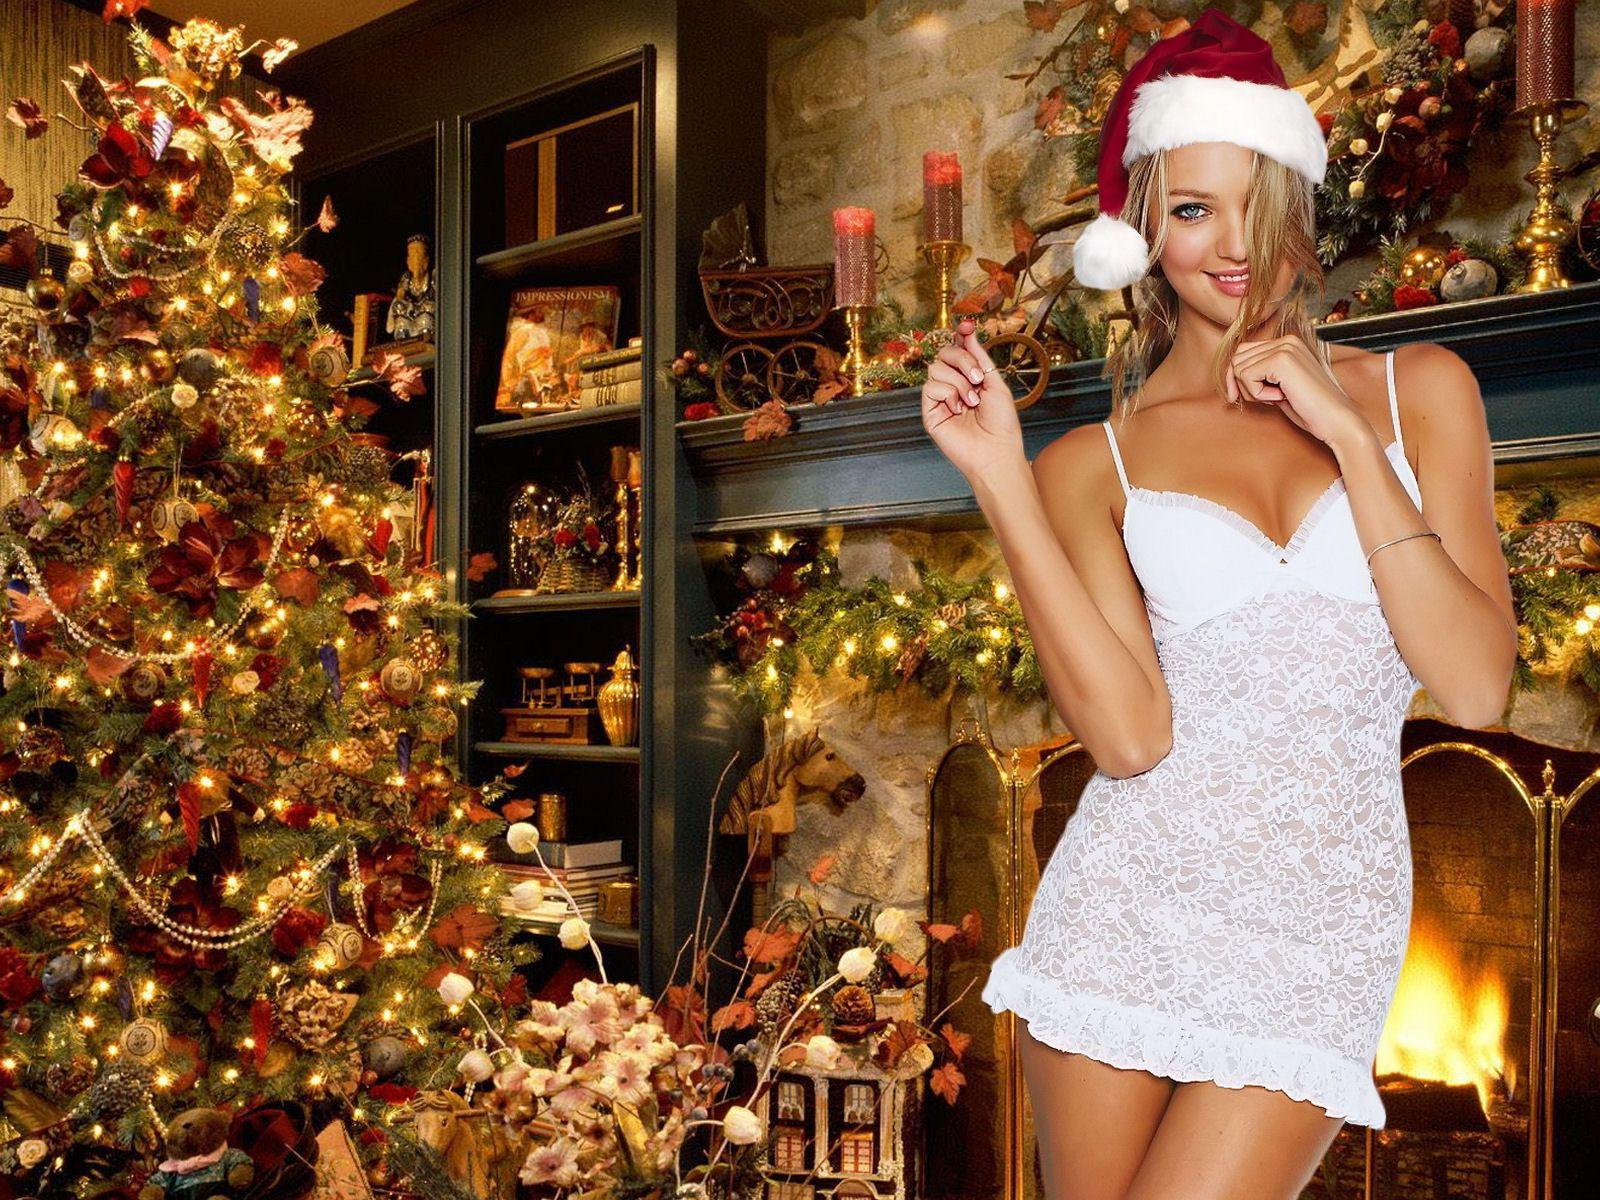 christmas girl sex